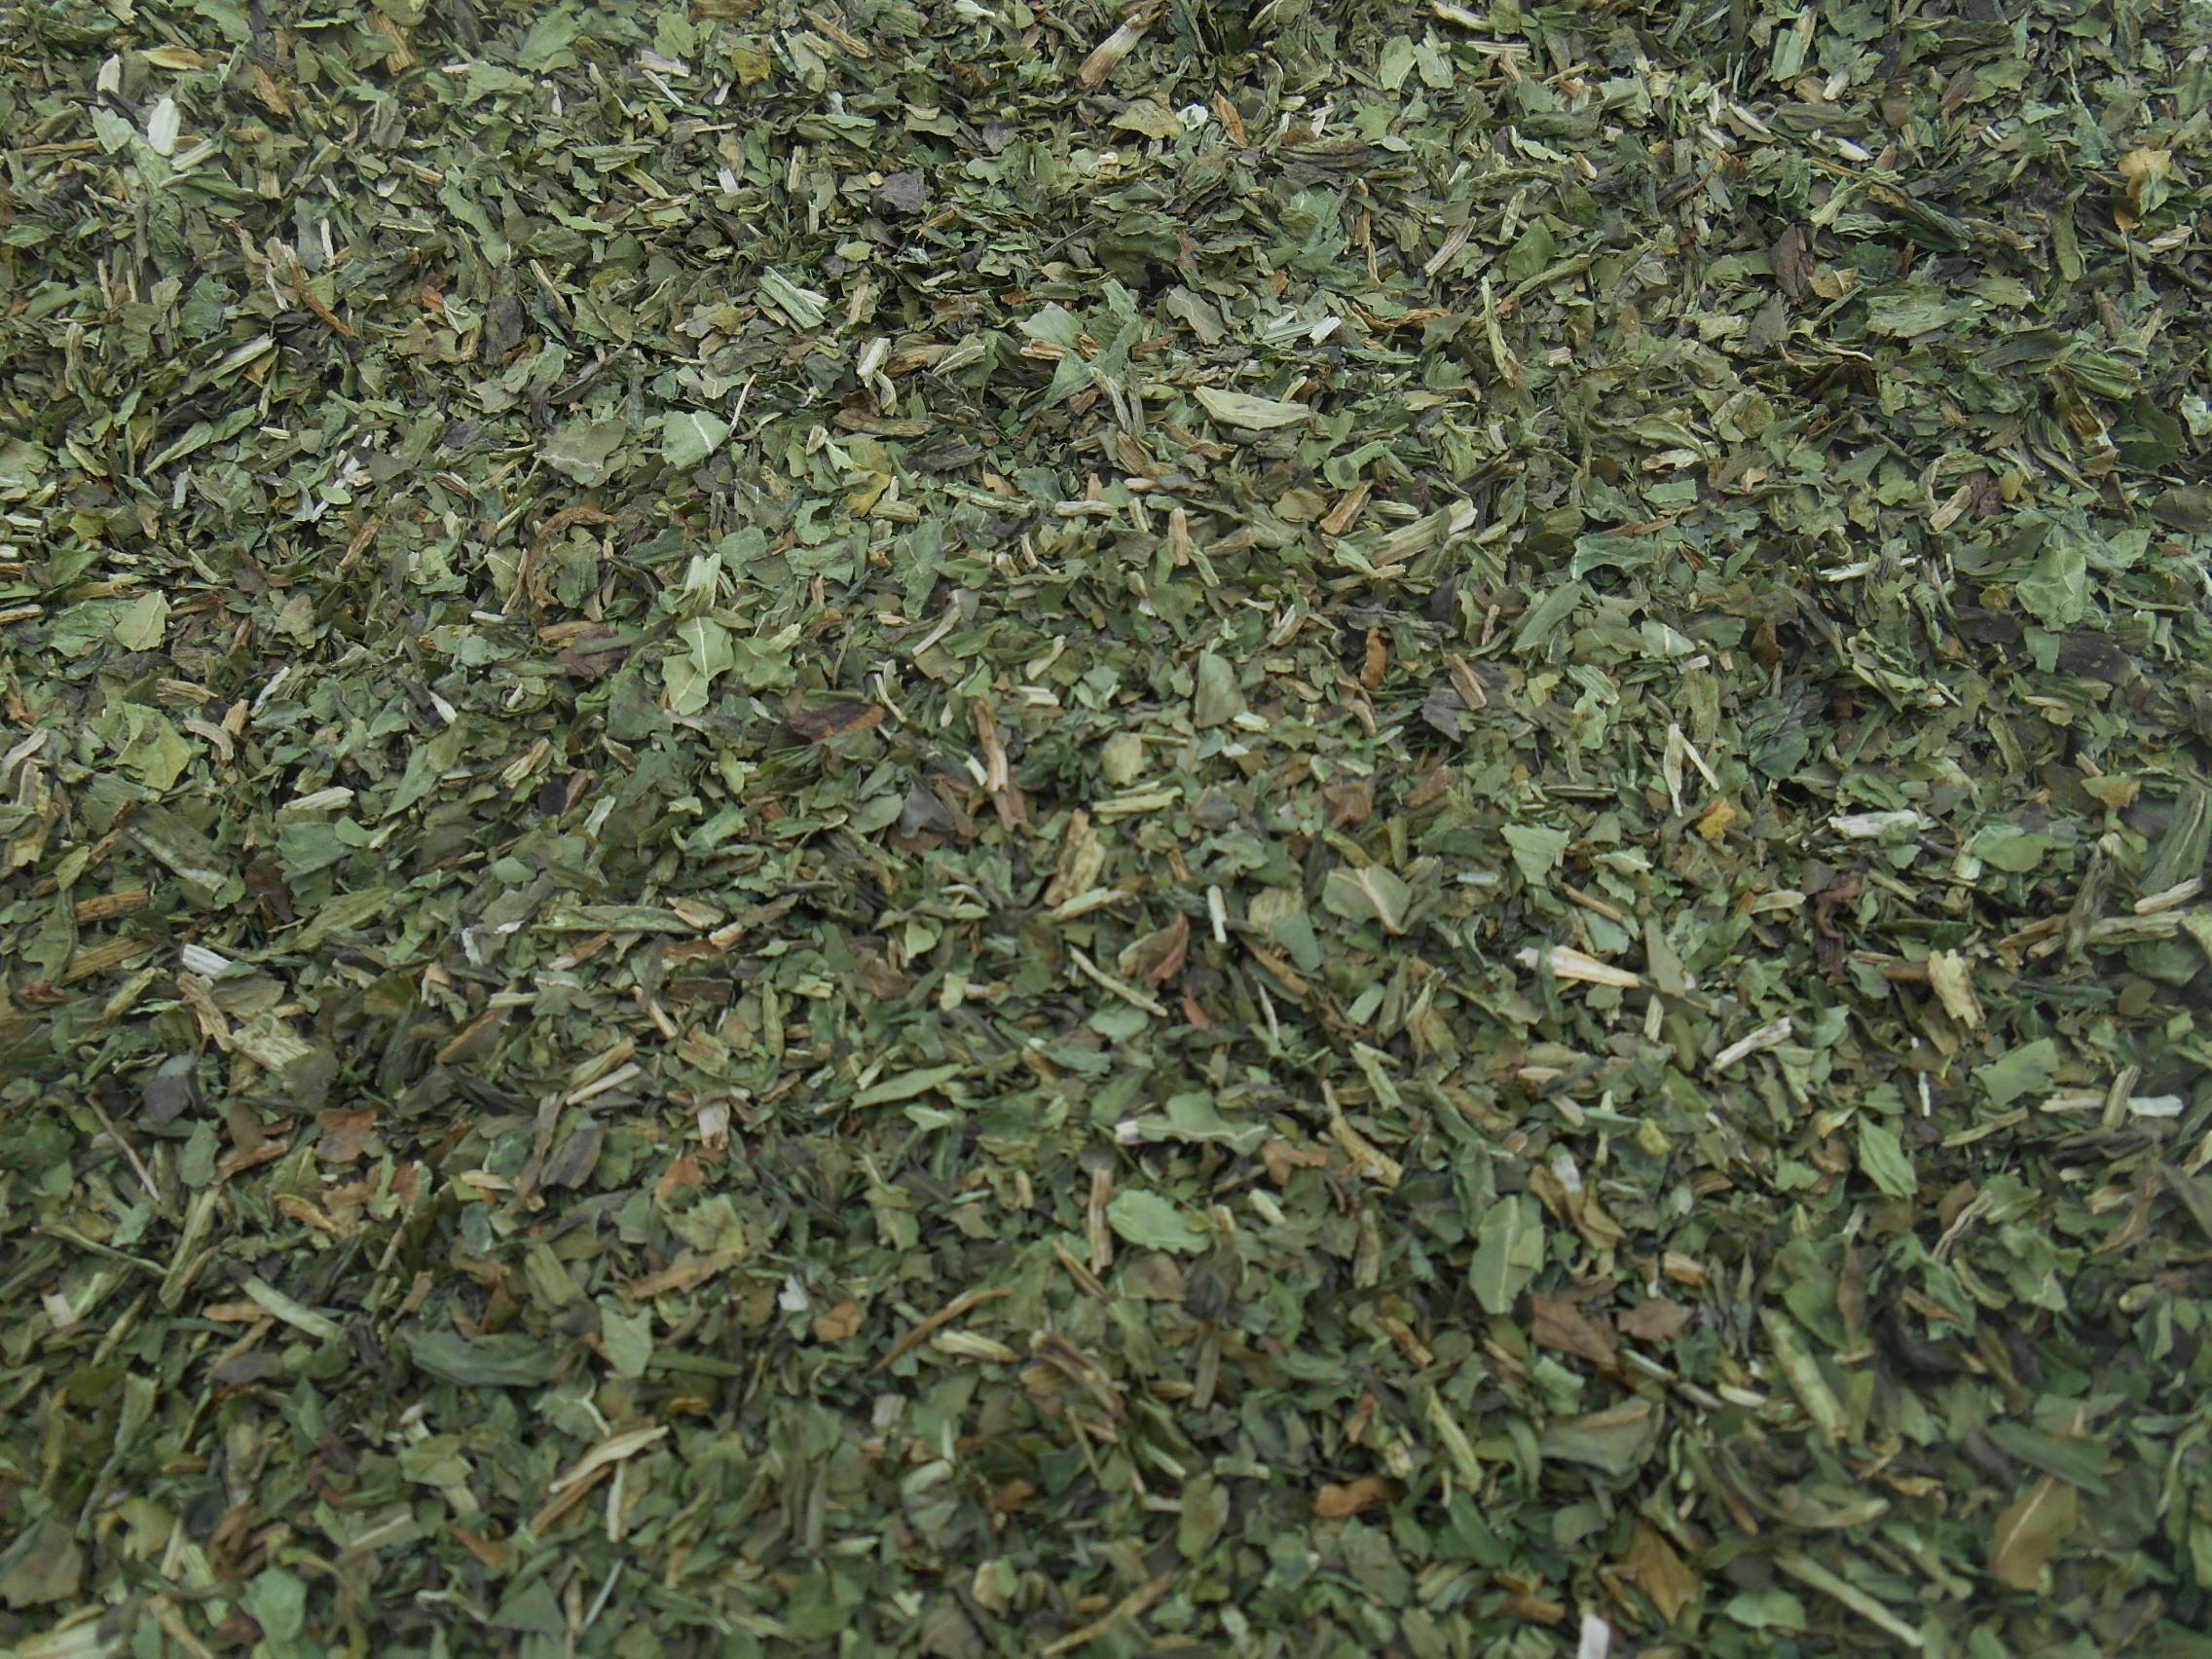 Dried Dandelion Leaf